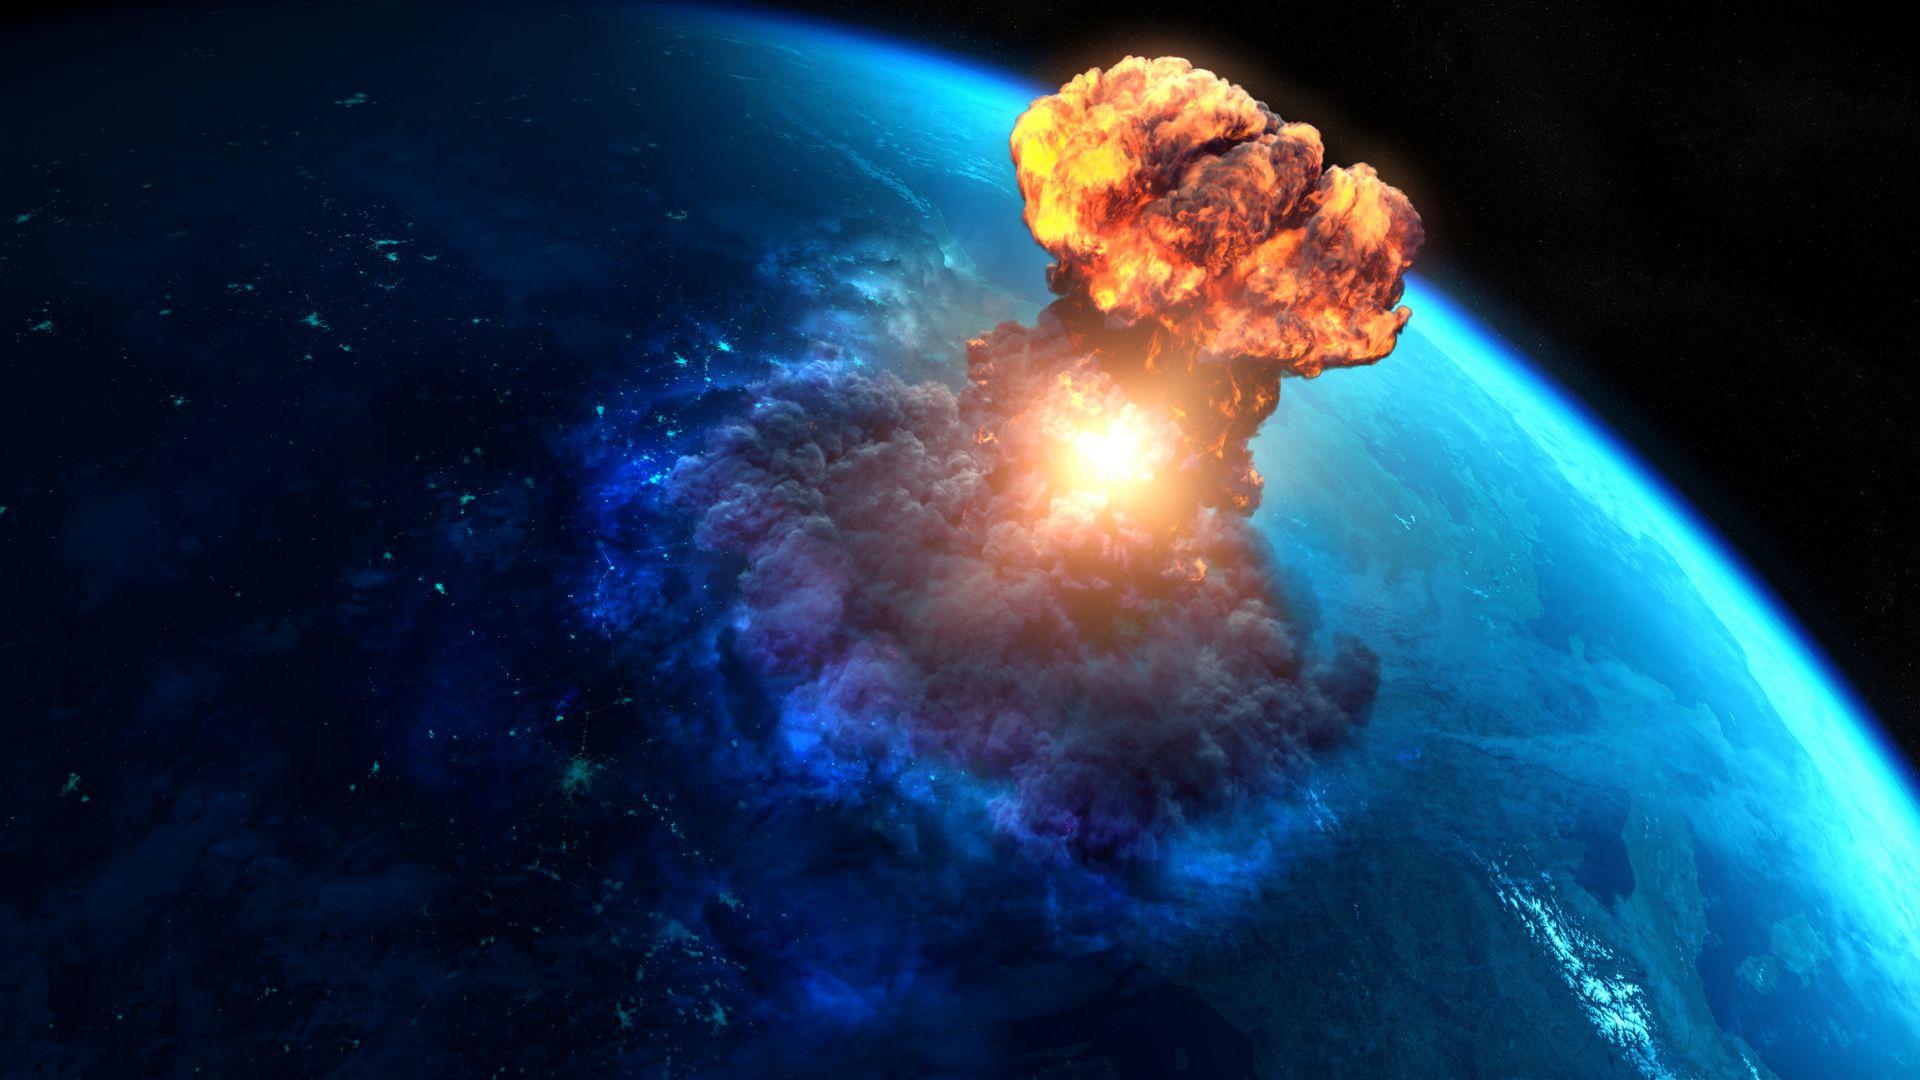 Според Станислав Петров 5 ракети били твърде малко за начален удар